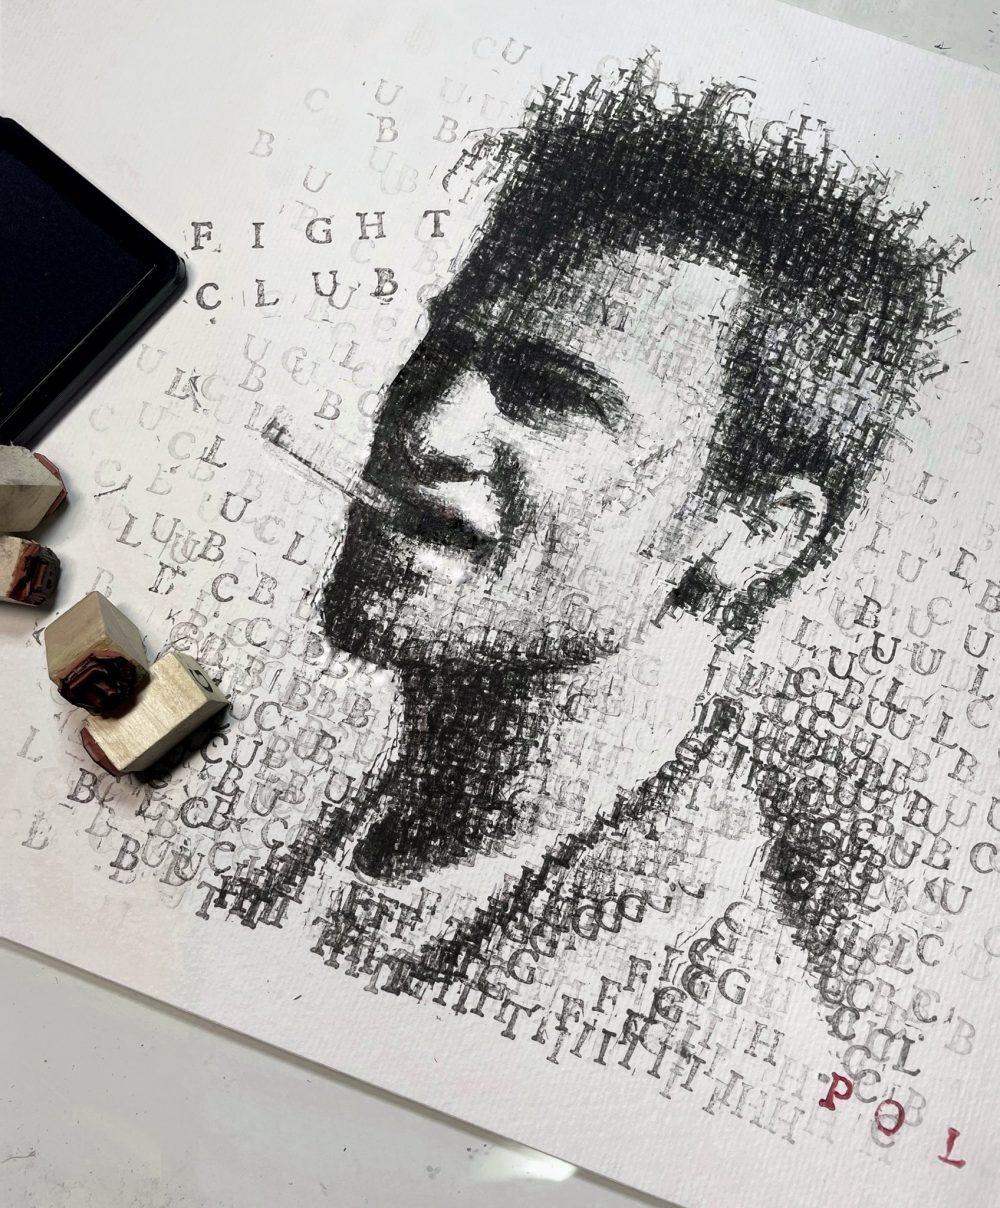 Tyler Durden, realizado letra a letra.